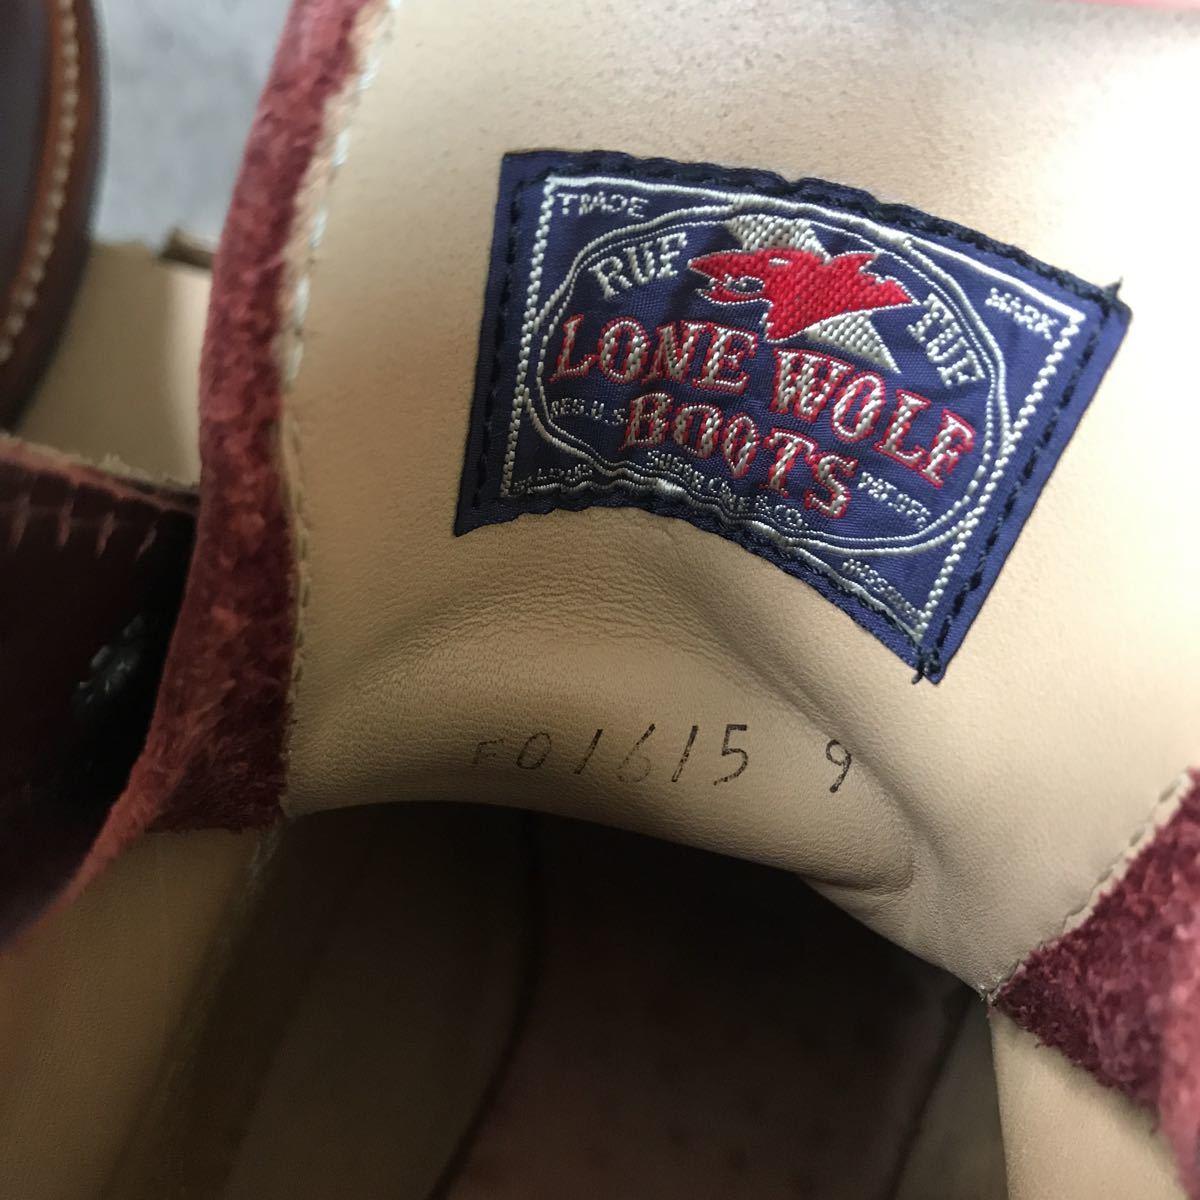 美品 lone wolf カーペンター ブーツ 9 /検 シュガーケーン 東洋 ローンウルフ_画像7